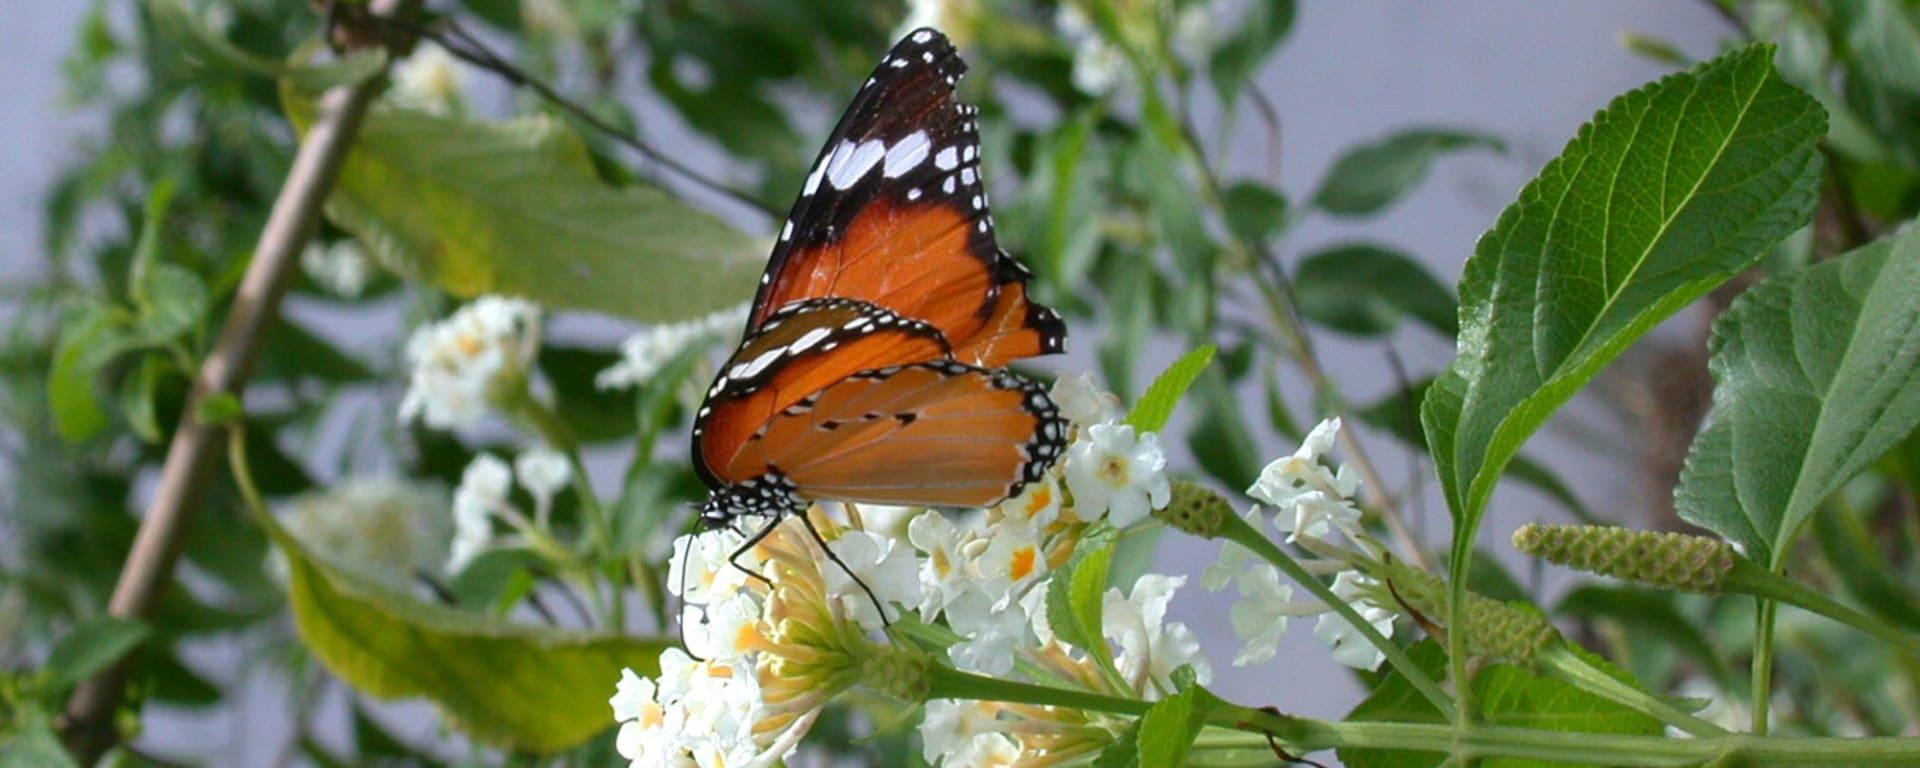 Ursprüngliches Bali inkl. Schmetterlingspark in Südbali: butterfly4